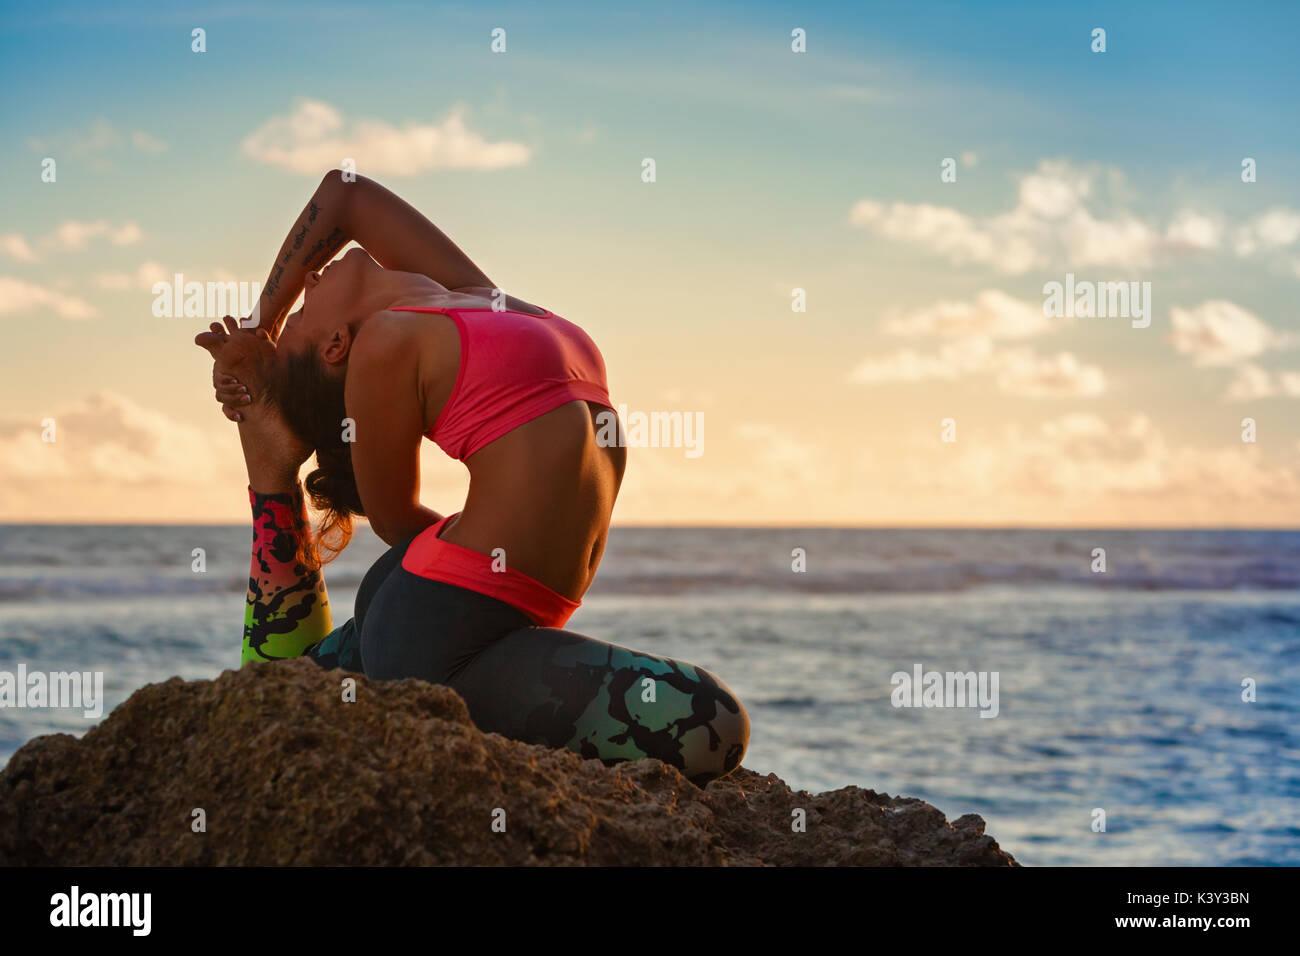 La meditazione sul Cielo di tramonto sullo sfondo. Giovane donna attiva sit in yoga pone sulla roccia spiaggia, stretching per mantenere la forma e la salute. Uno stile di vita sano, fitness Immagini Stock